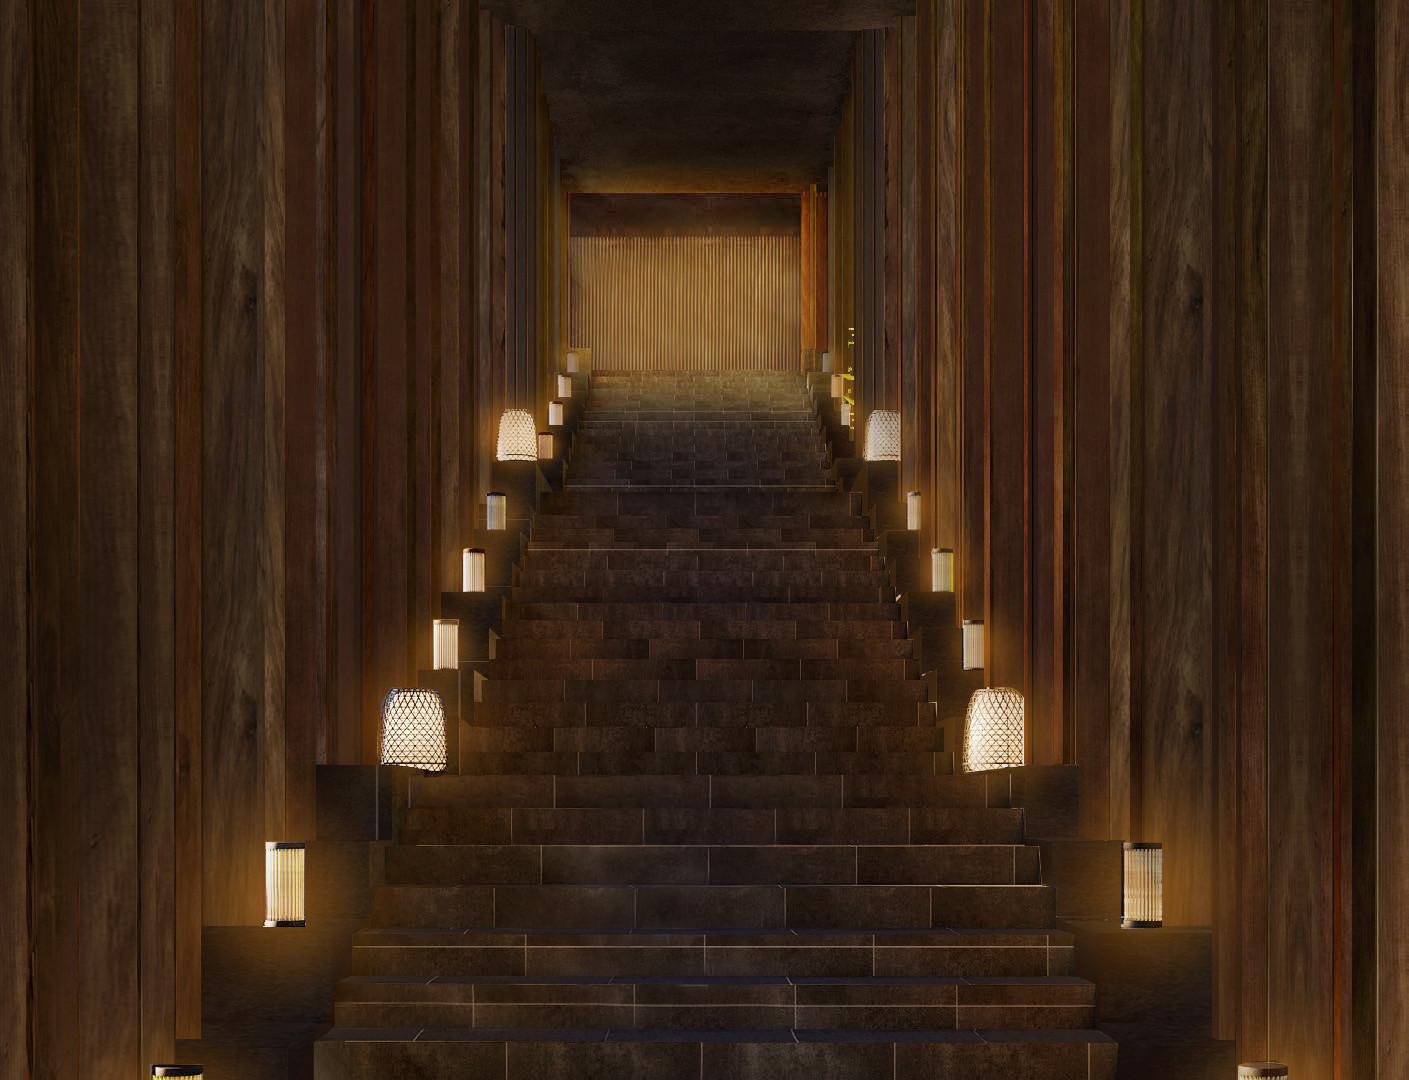 Lighting-Contrast Ratio-Entrance Stairca